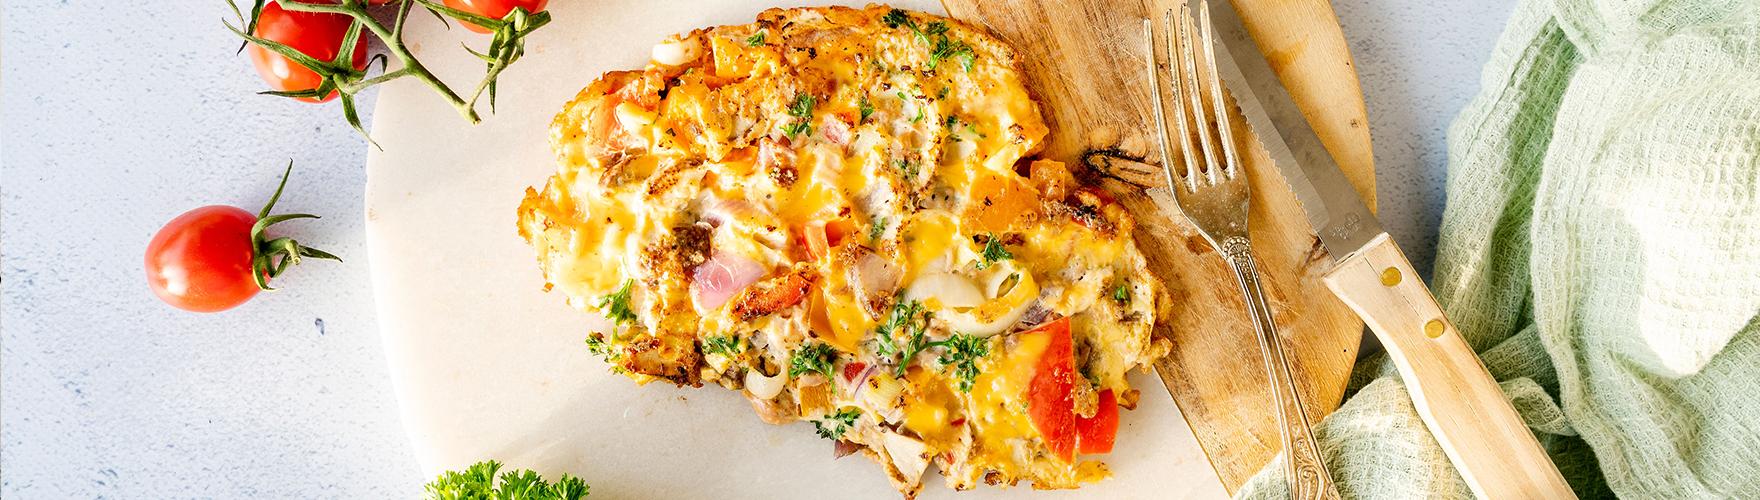 Groente omelet met tonijn, cheddar kaas en peterselie